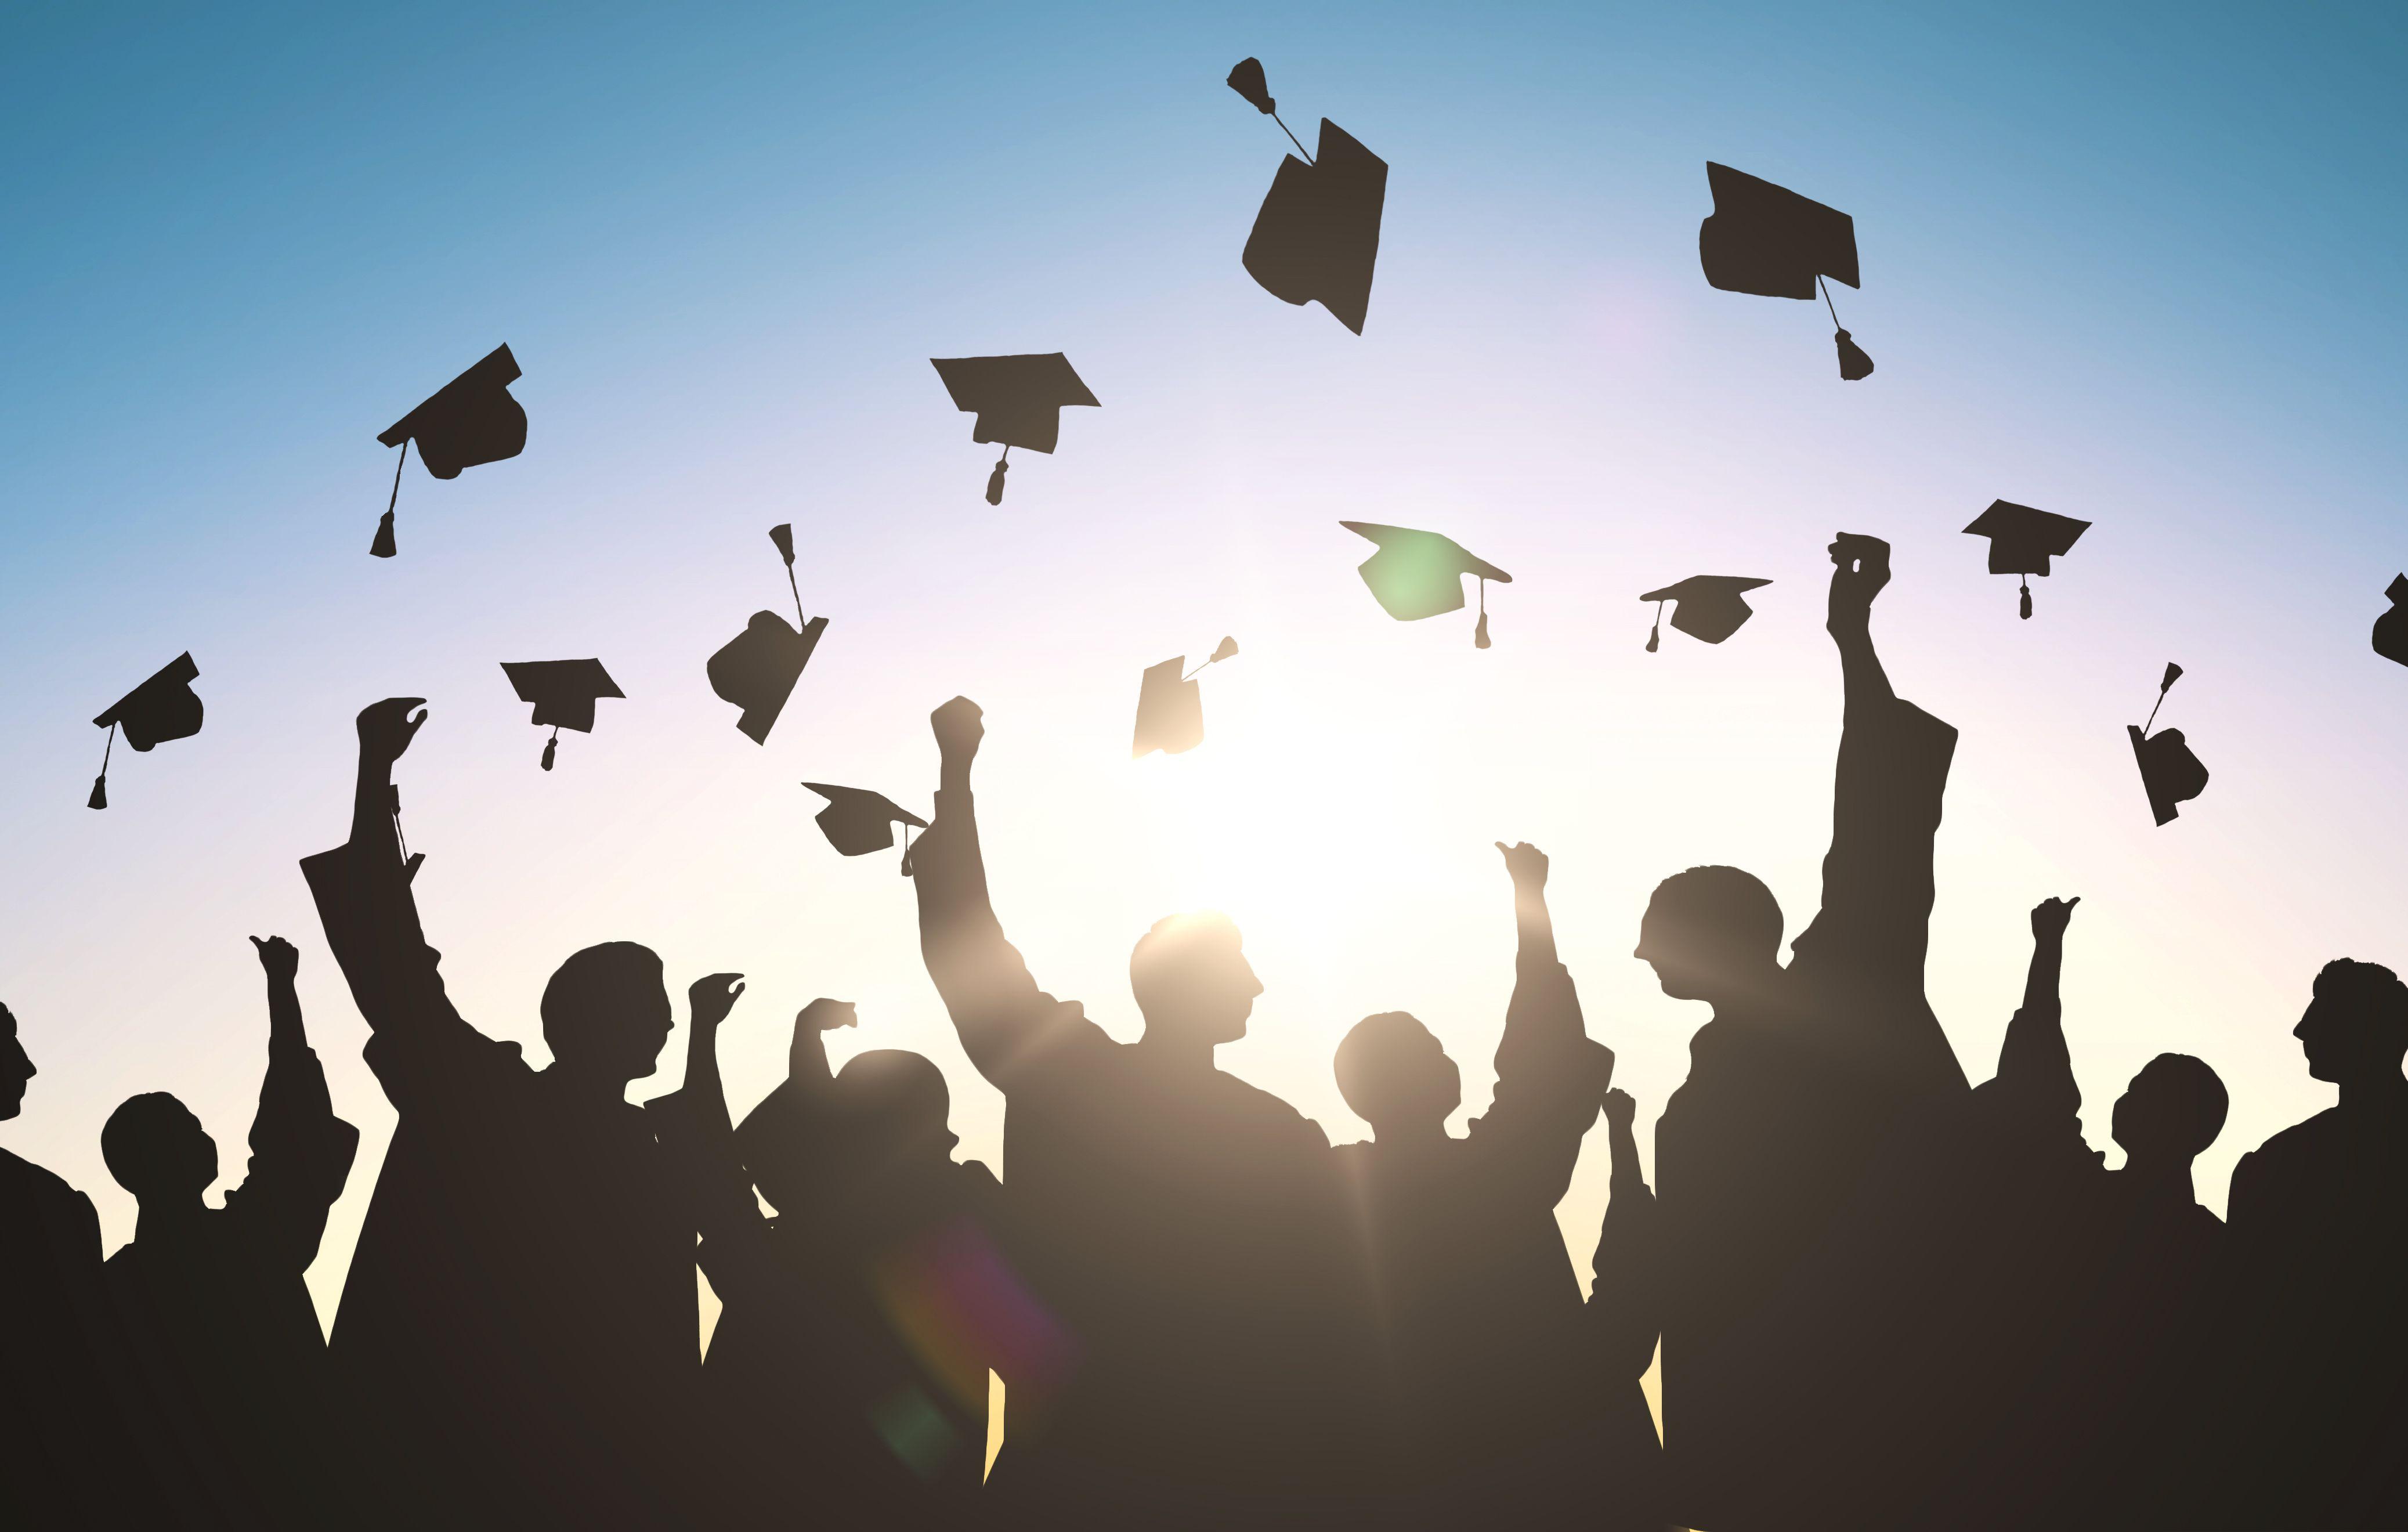 許多學校為了取得亮眼的畢業生就業率,竟強迫學生在畢業前就得提交就業證明。 示意圖